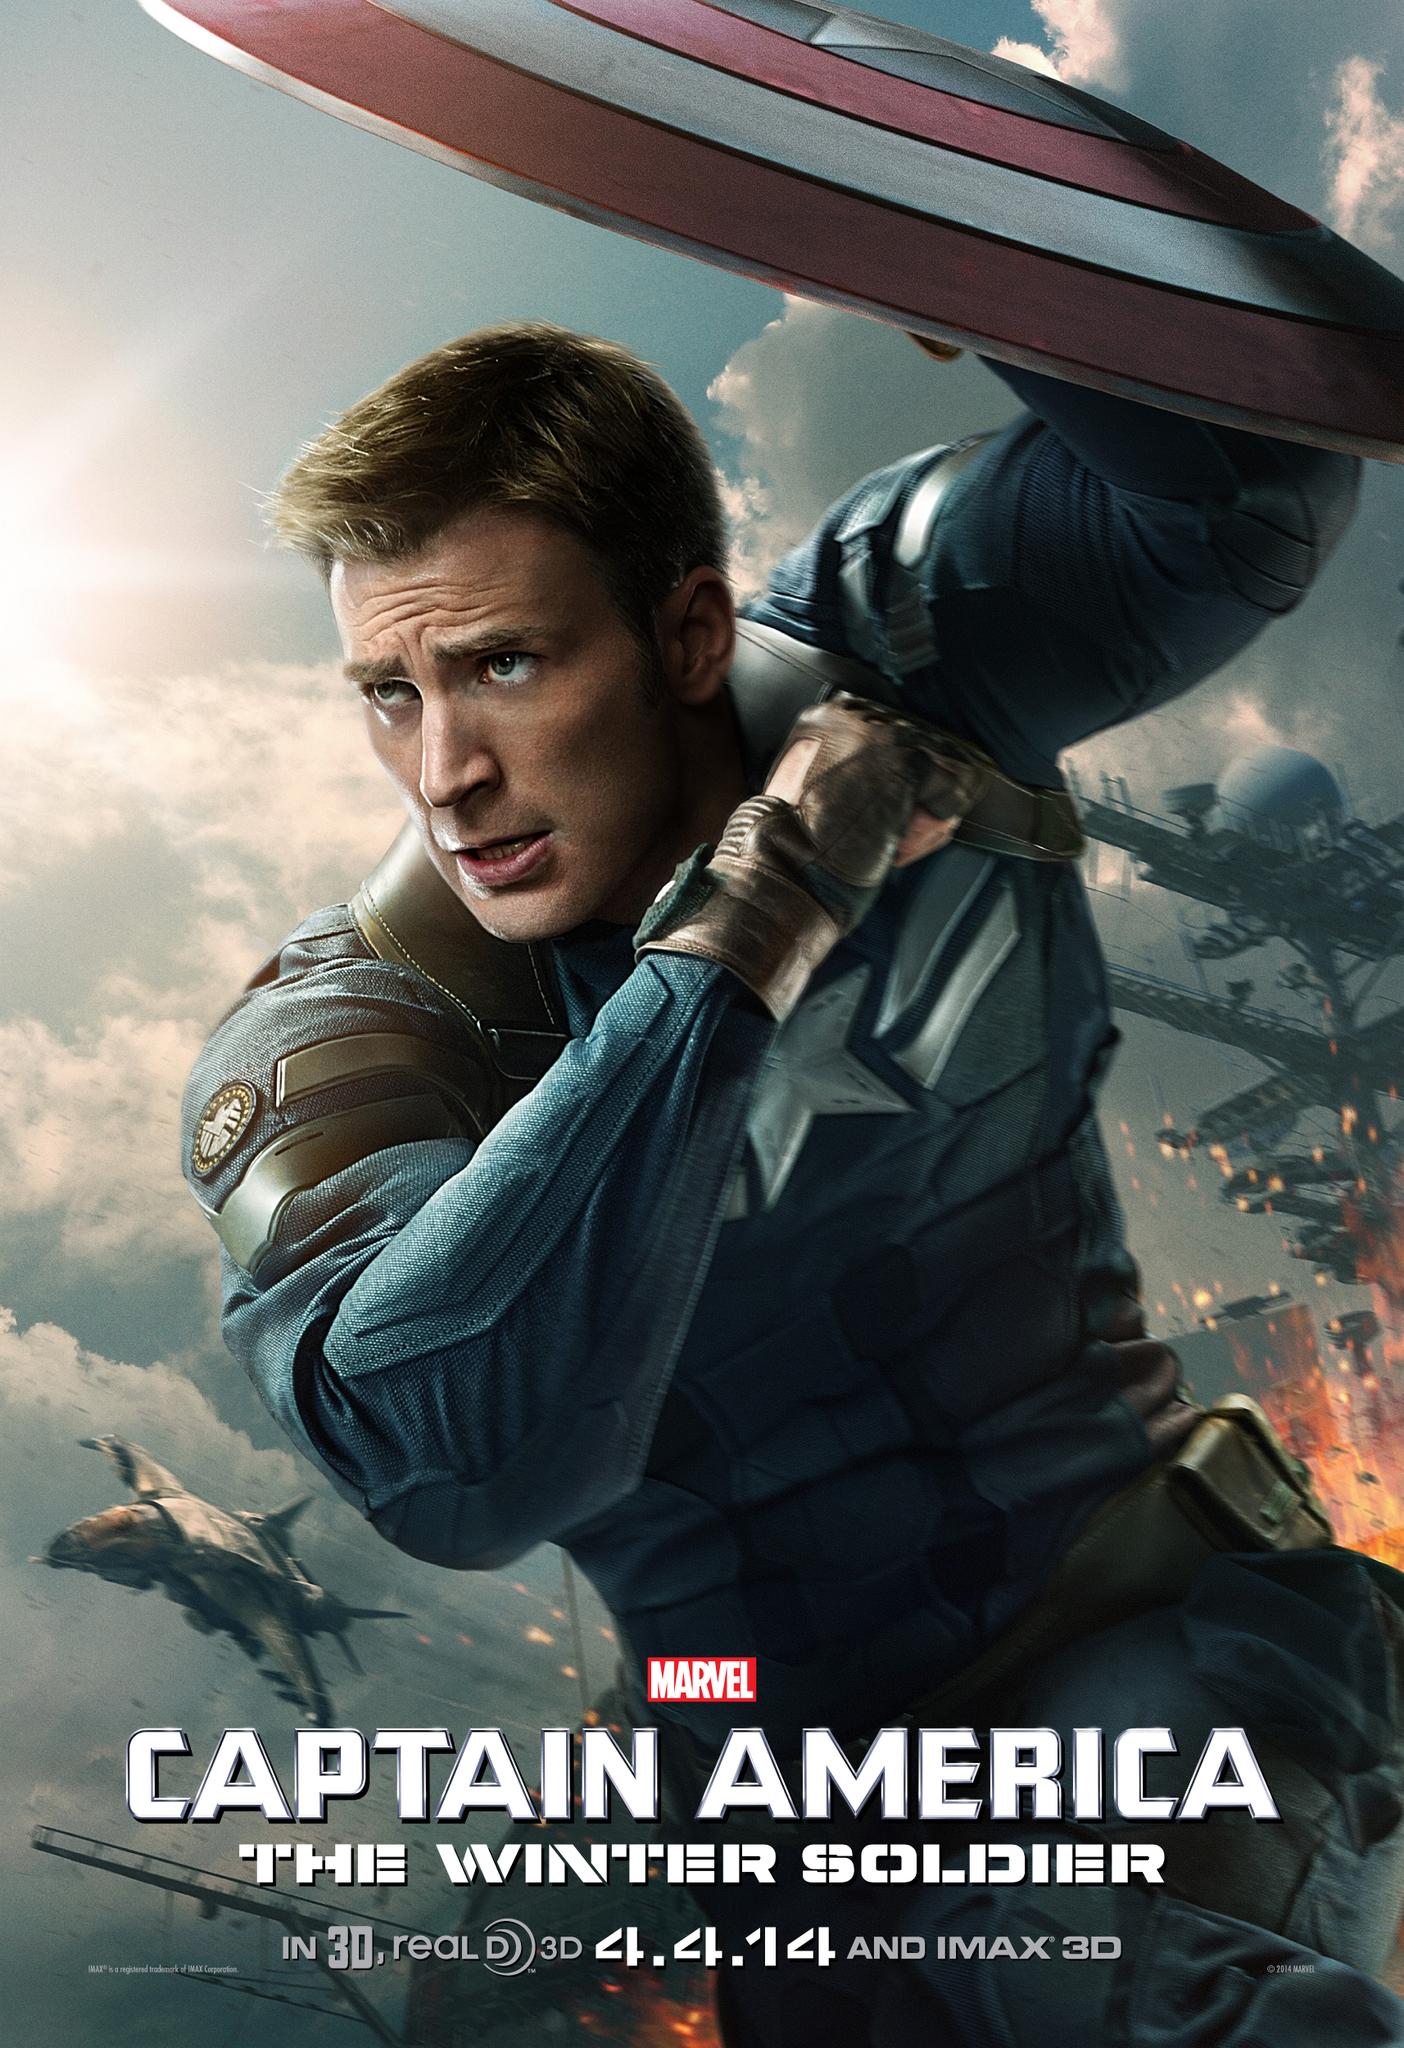 Captain America: The Winter Soldier (2014) BluRay 480p, 720p, 1080p & 4K-2160p